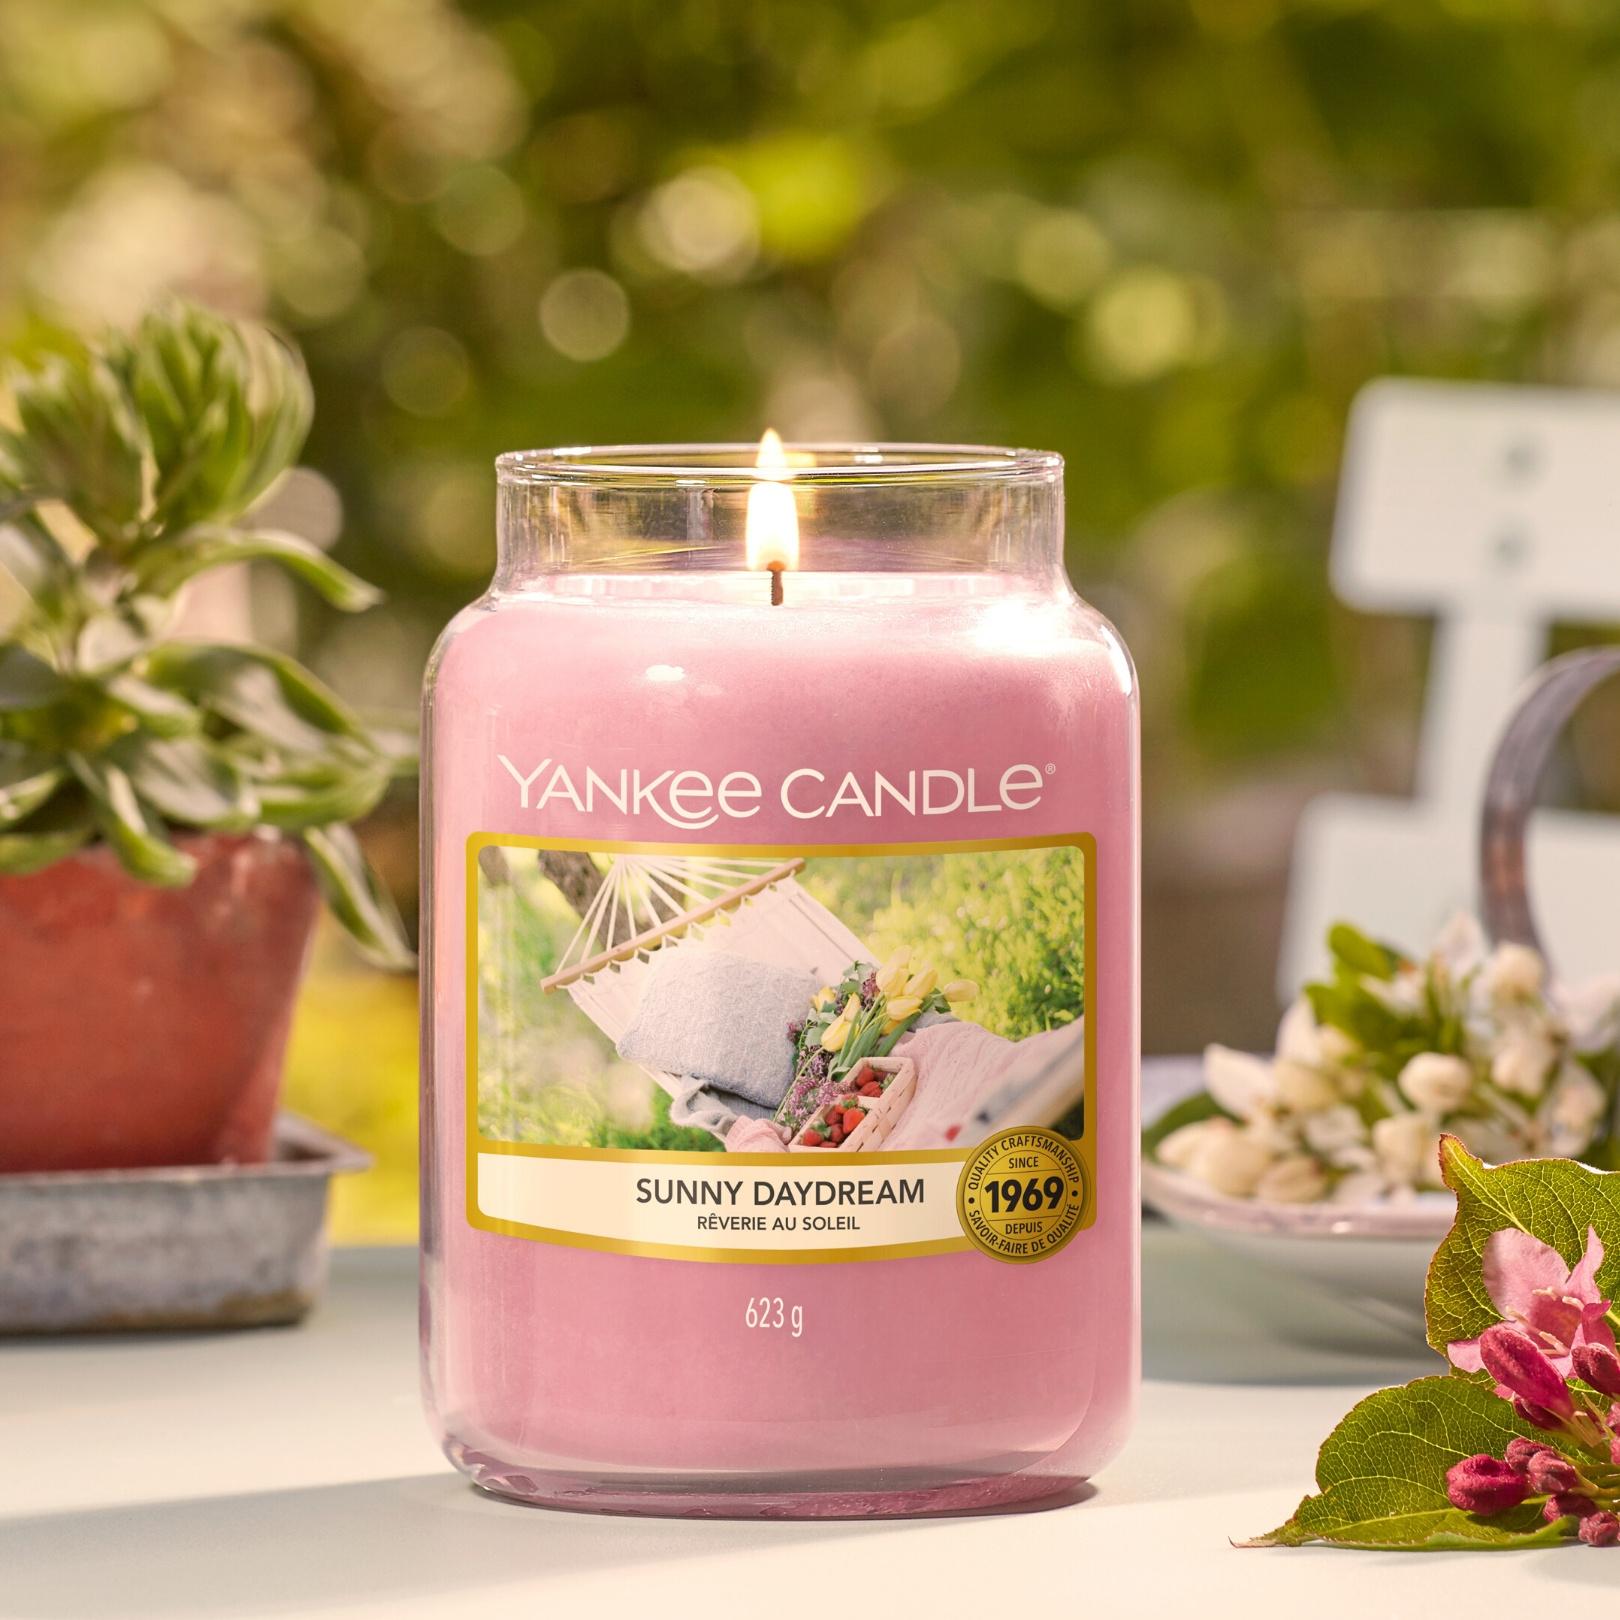 Yankee Candle Sunny Daydream -  Large Jar